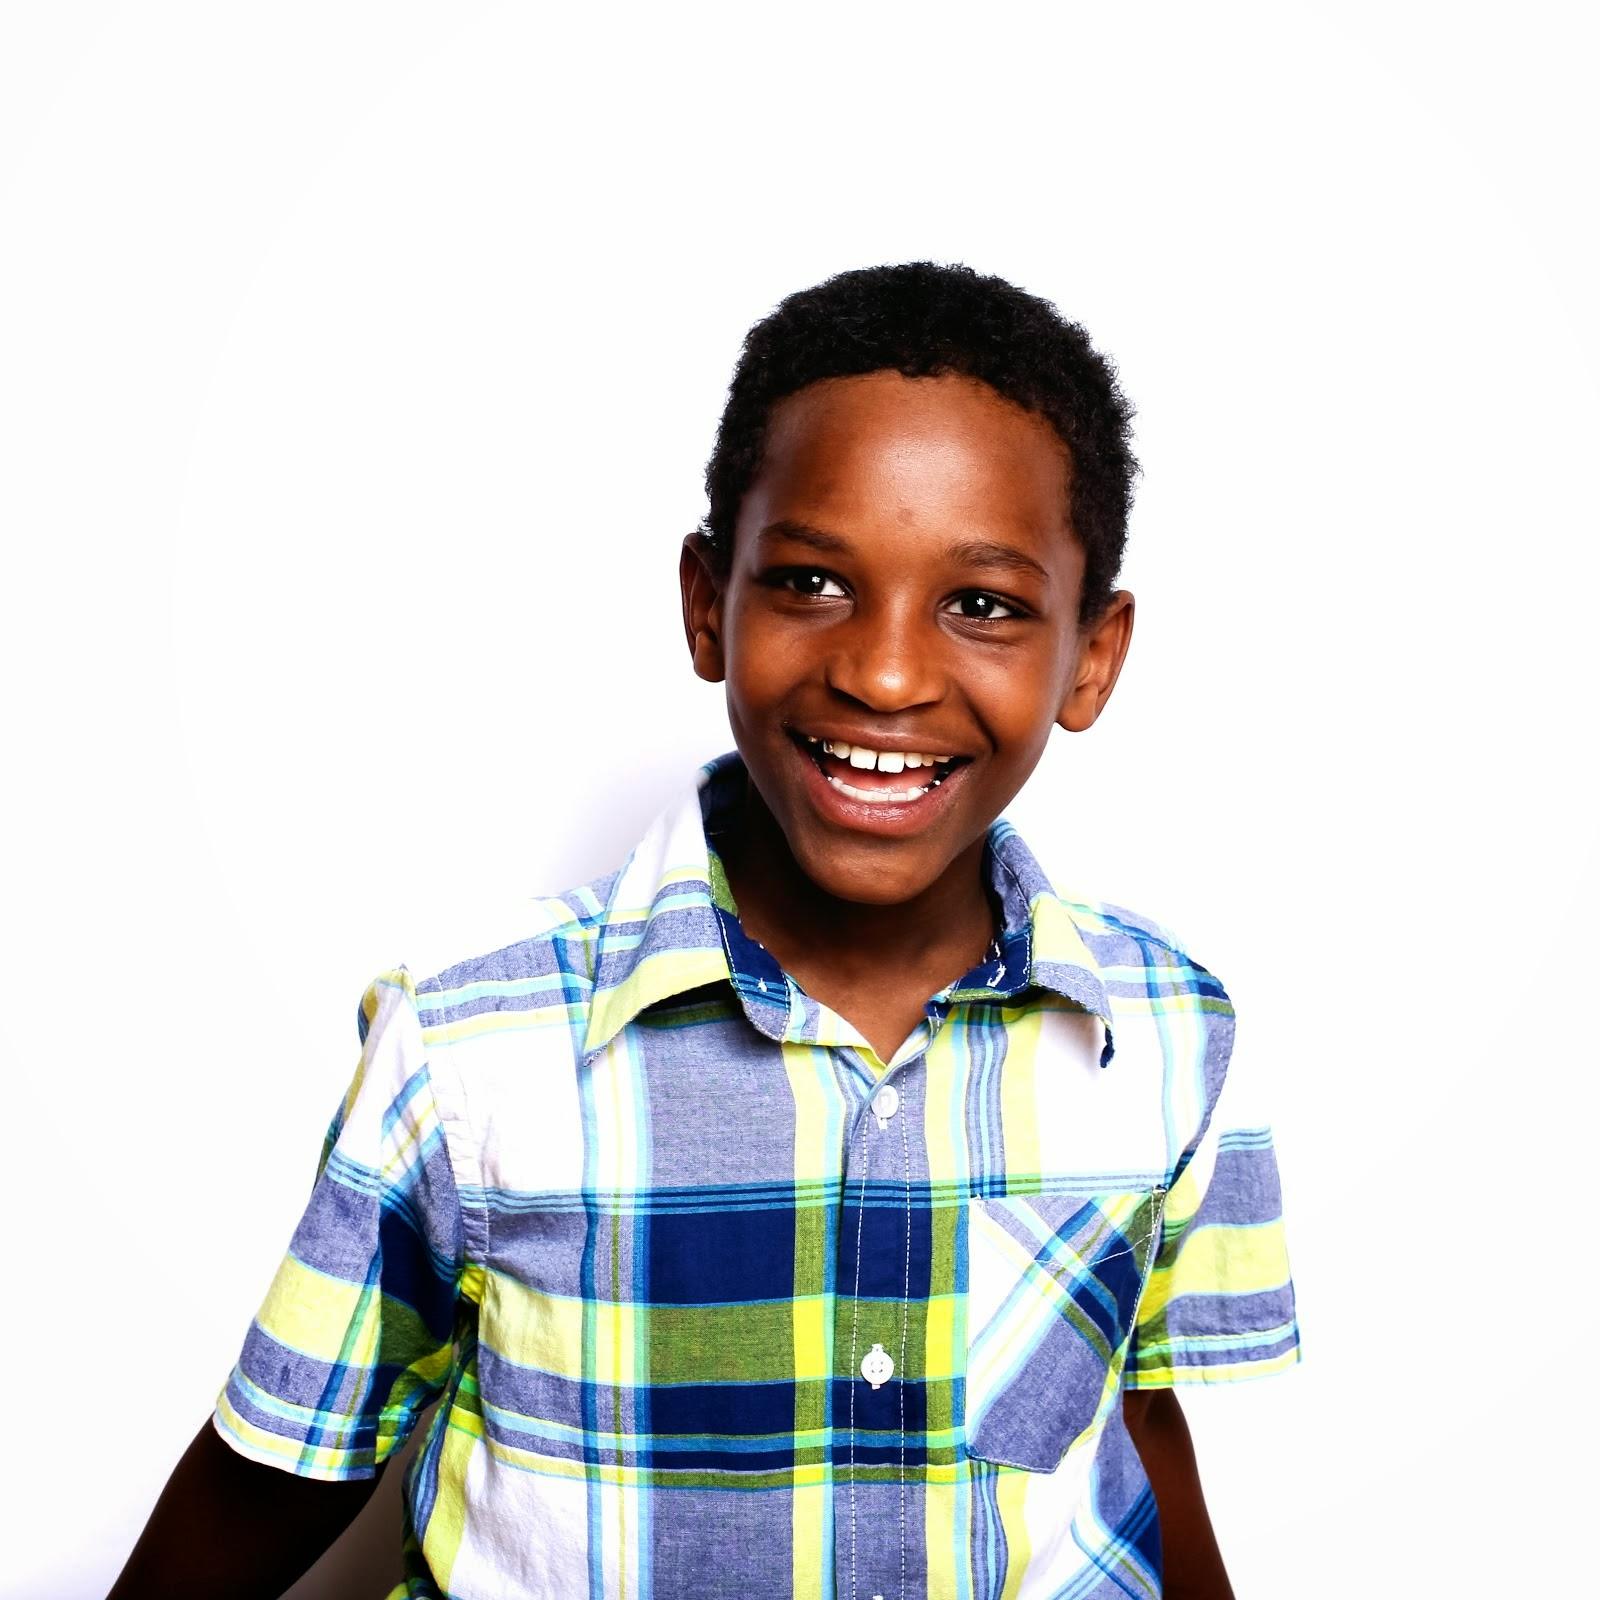 Seth - age 11